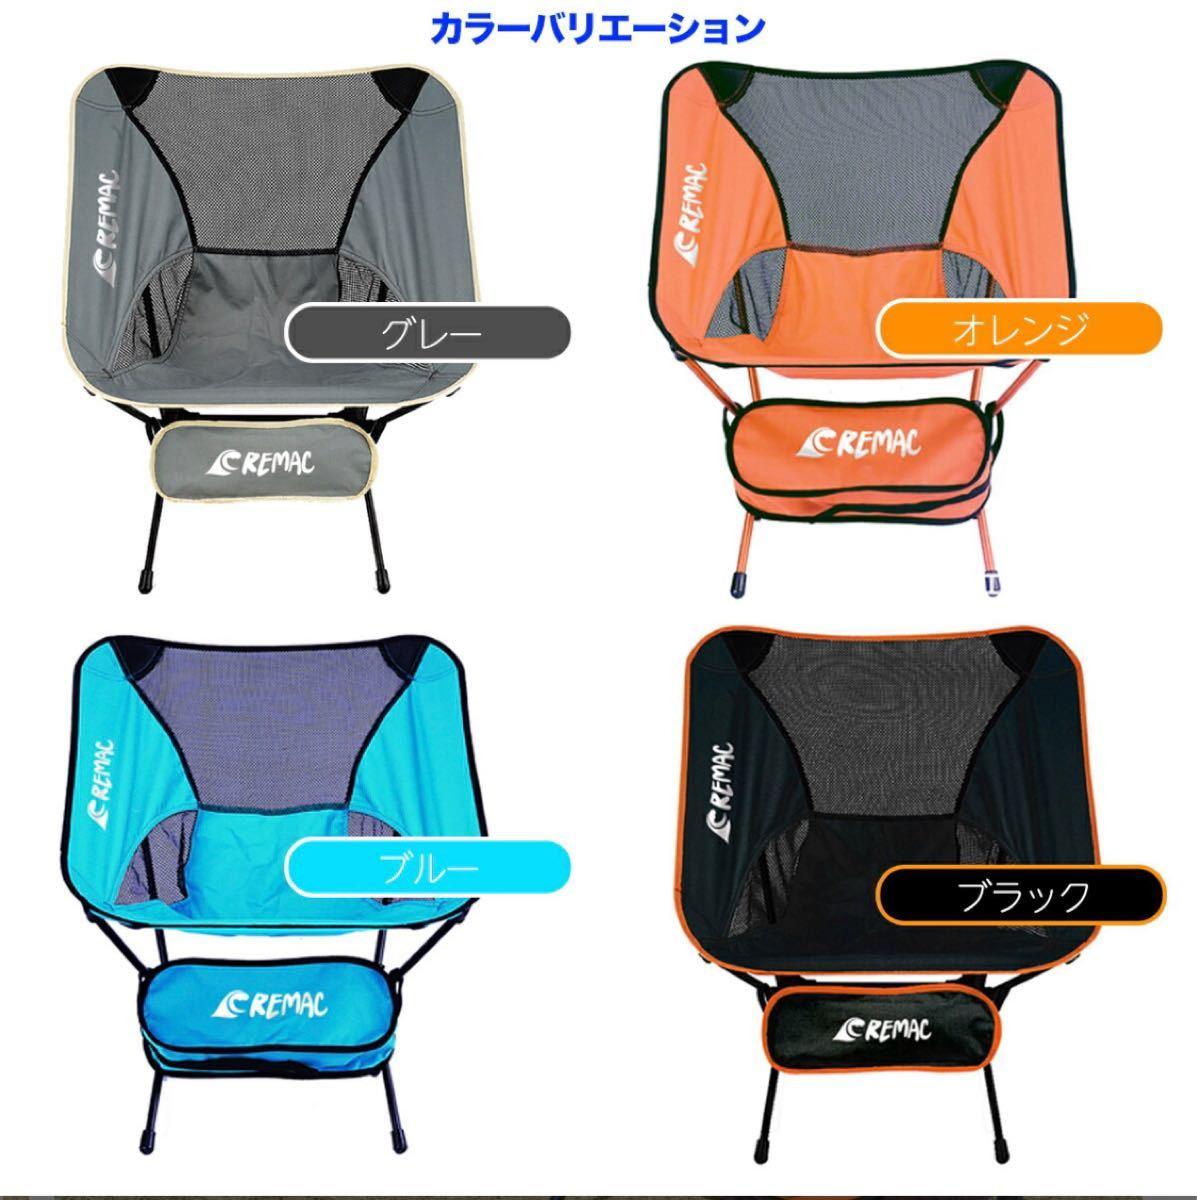 新品 らくらく持ち運び アウトドアチェア 折りたたみ キャンプ椅子 ブルー3